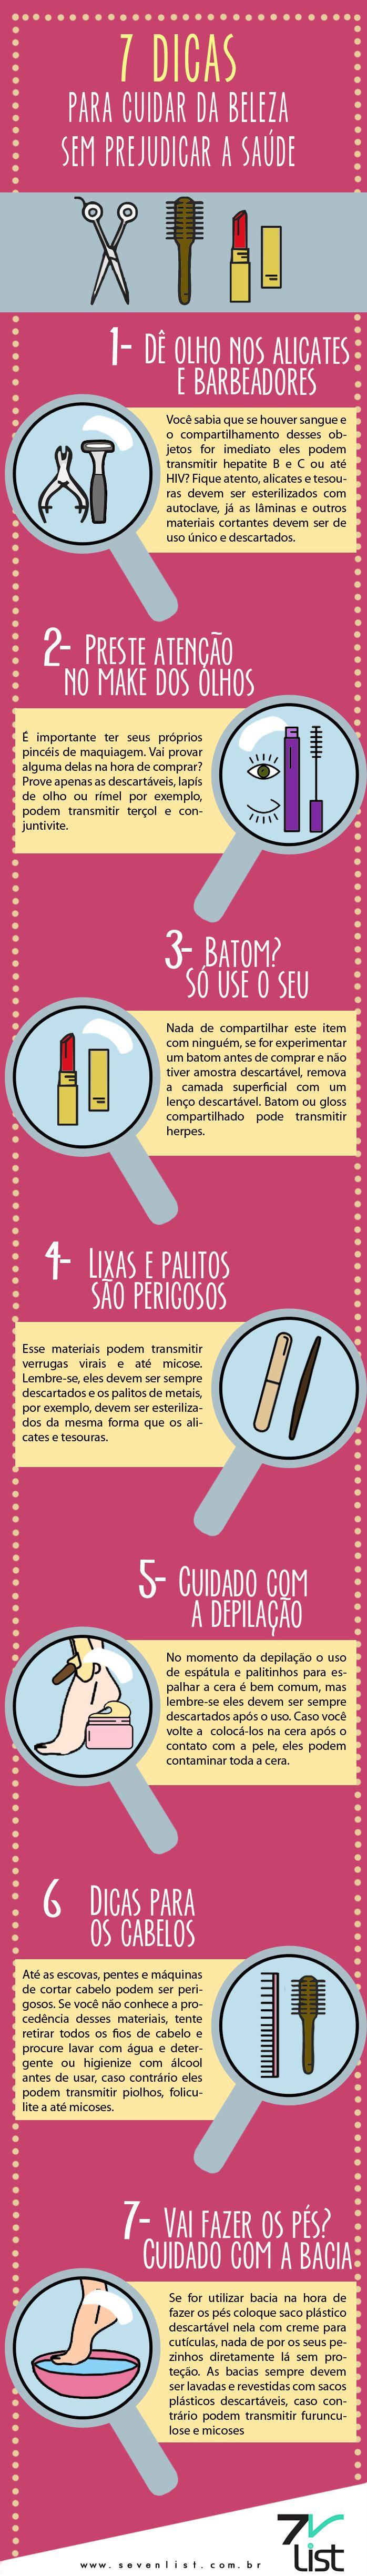 #Infográfico #Infographic #desenho #design #dicas #Beleza #Saúde #Estética #Aparência #Alicete #Barbeador #Doenças #Hepatite #Olhos #Maquiagem #Makeup #Lapís #Rímel #Batom #Gloss #Lixo #Palito #Lixa #Pele #Depilação #Cabelos #Pés #Mãos #Unhas #Higiene www.sevenlist.com.br